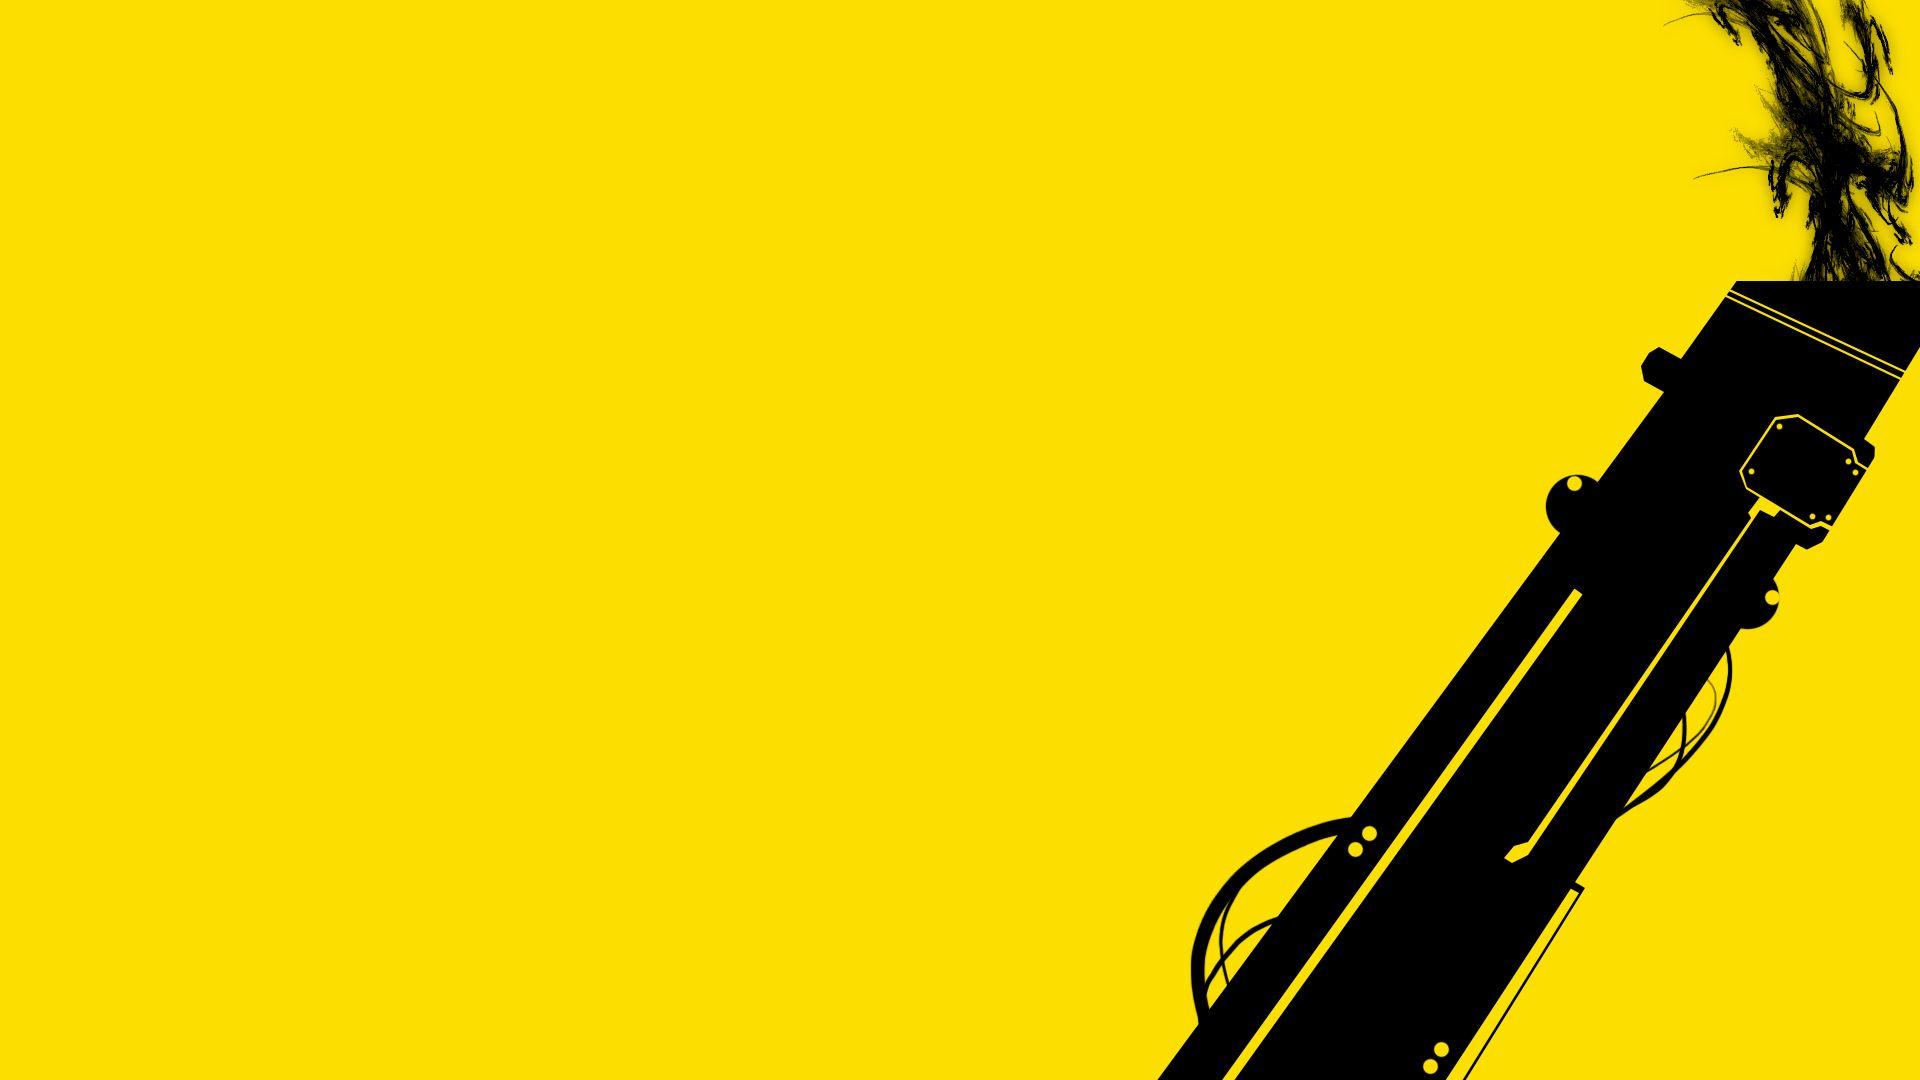 Yellow Art Yellow Smoke Black Background Widescreen Generalbeaner Statistics Art Black Wallpaper Iphone Yellow Wallpaper Black Wallpaper